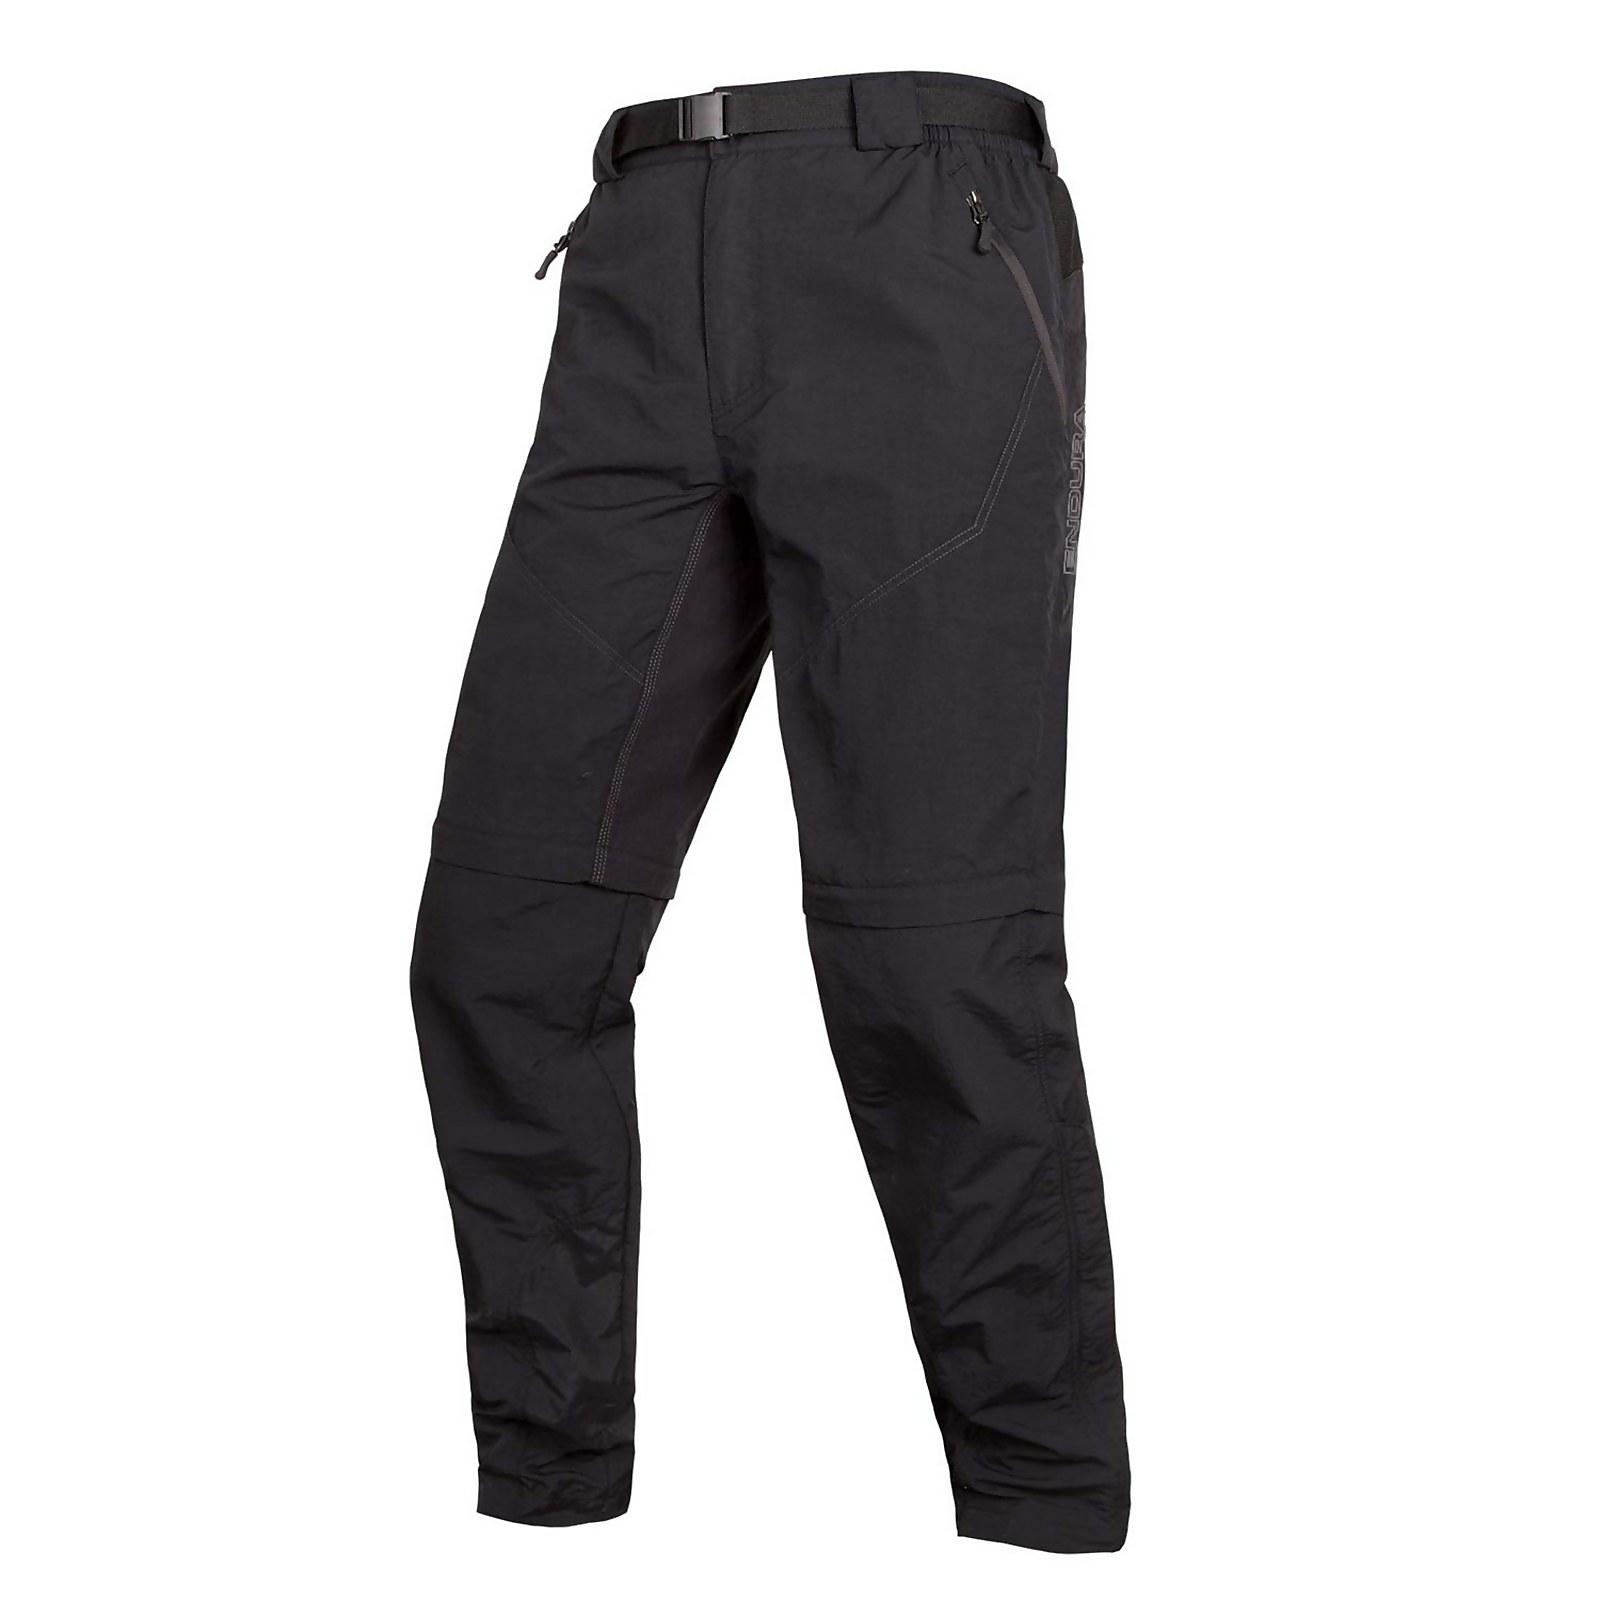 Hummvee Zip-off Trouser Ii - Black - M